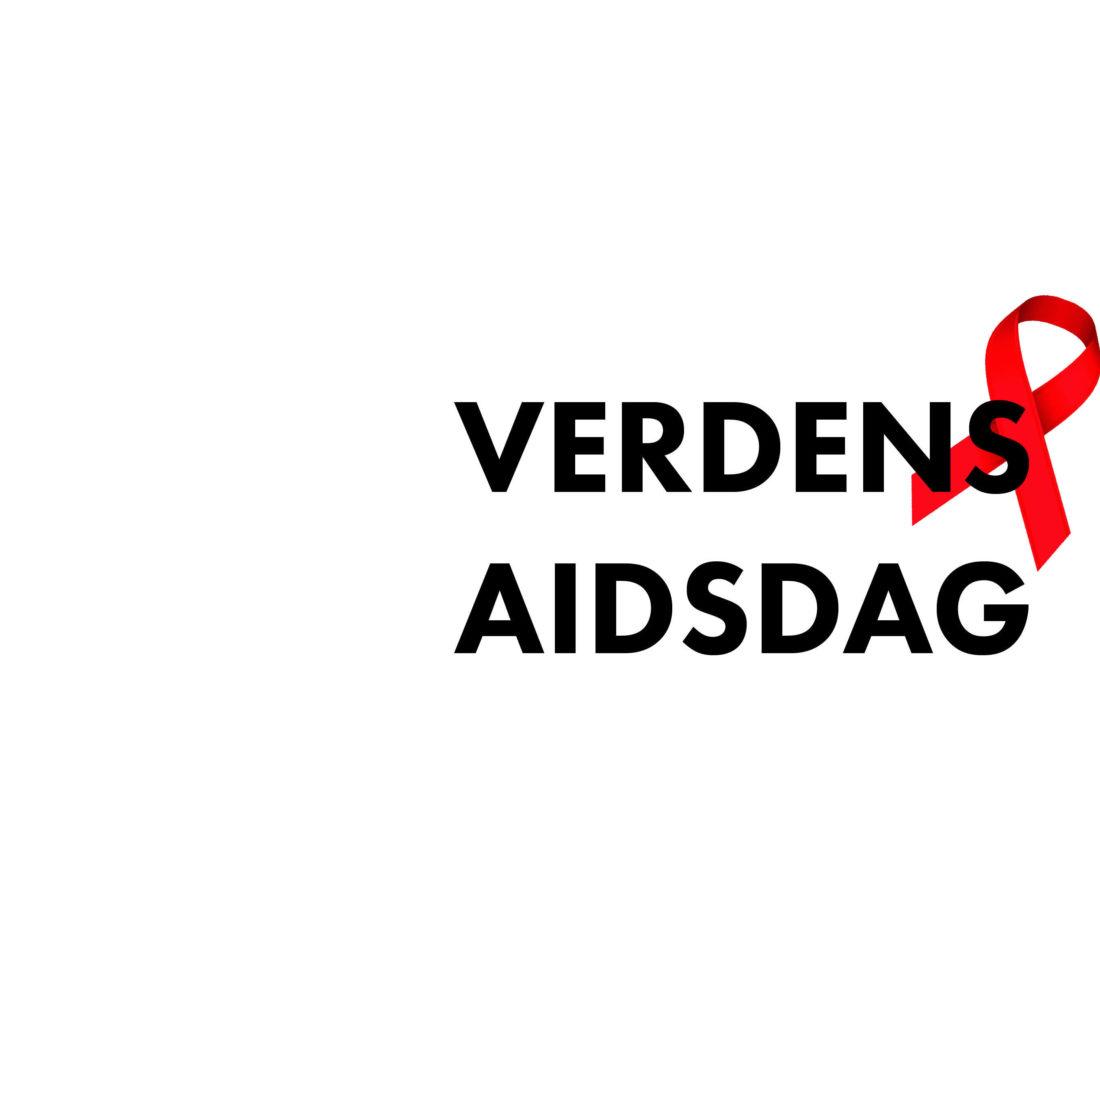 Verdens Aidsdag